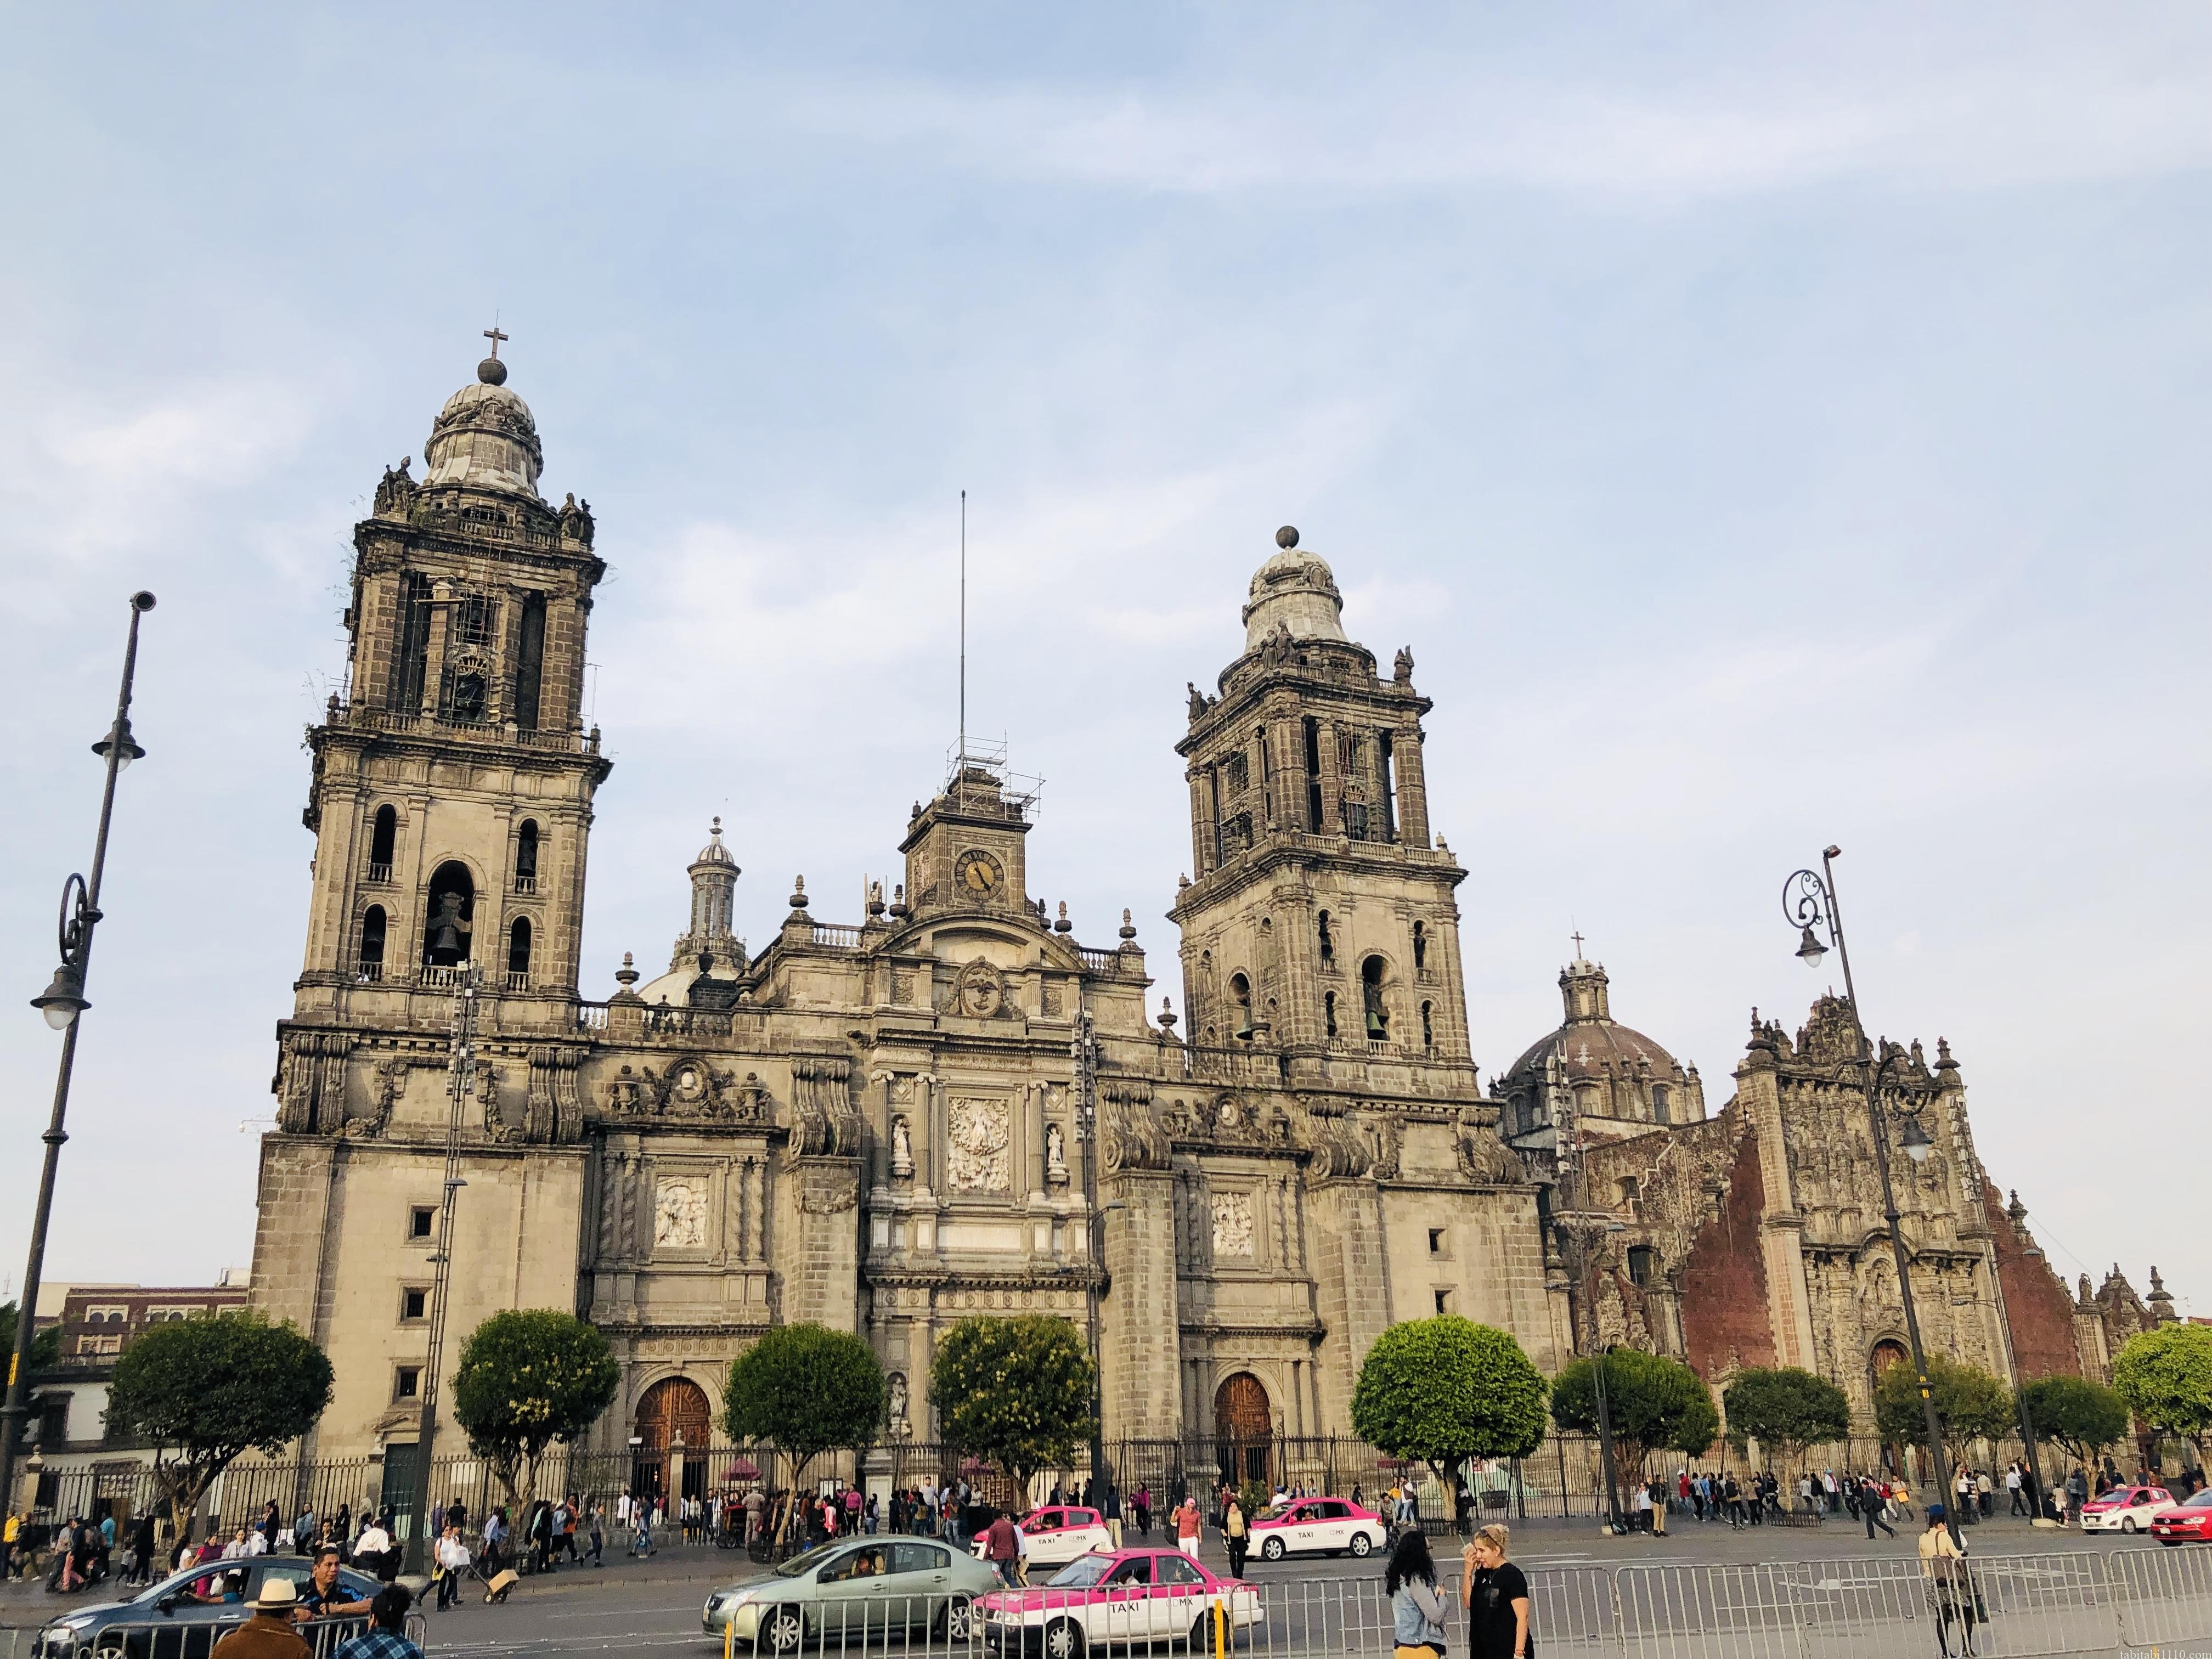 メキシコシティメトロポリタン大聖堂